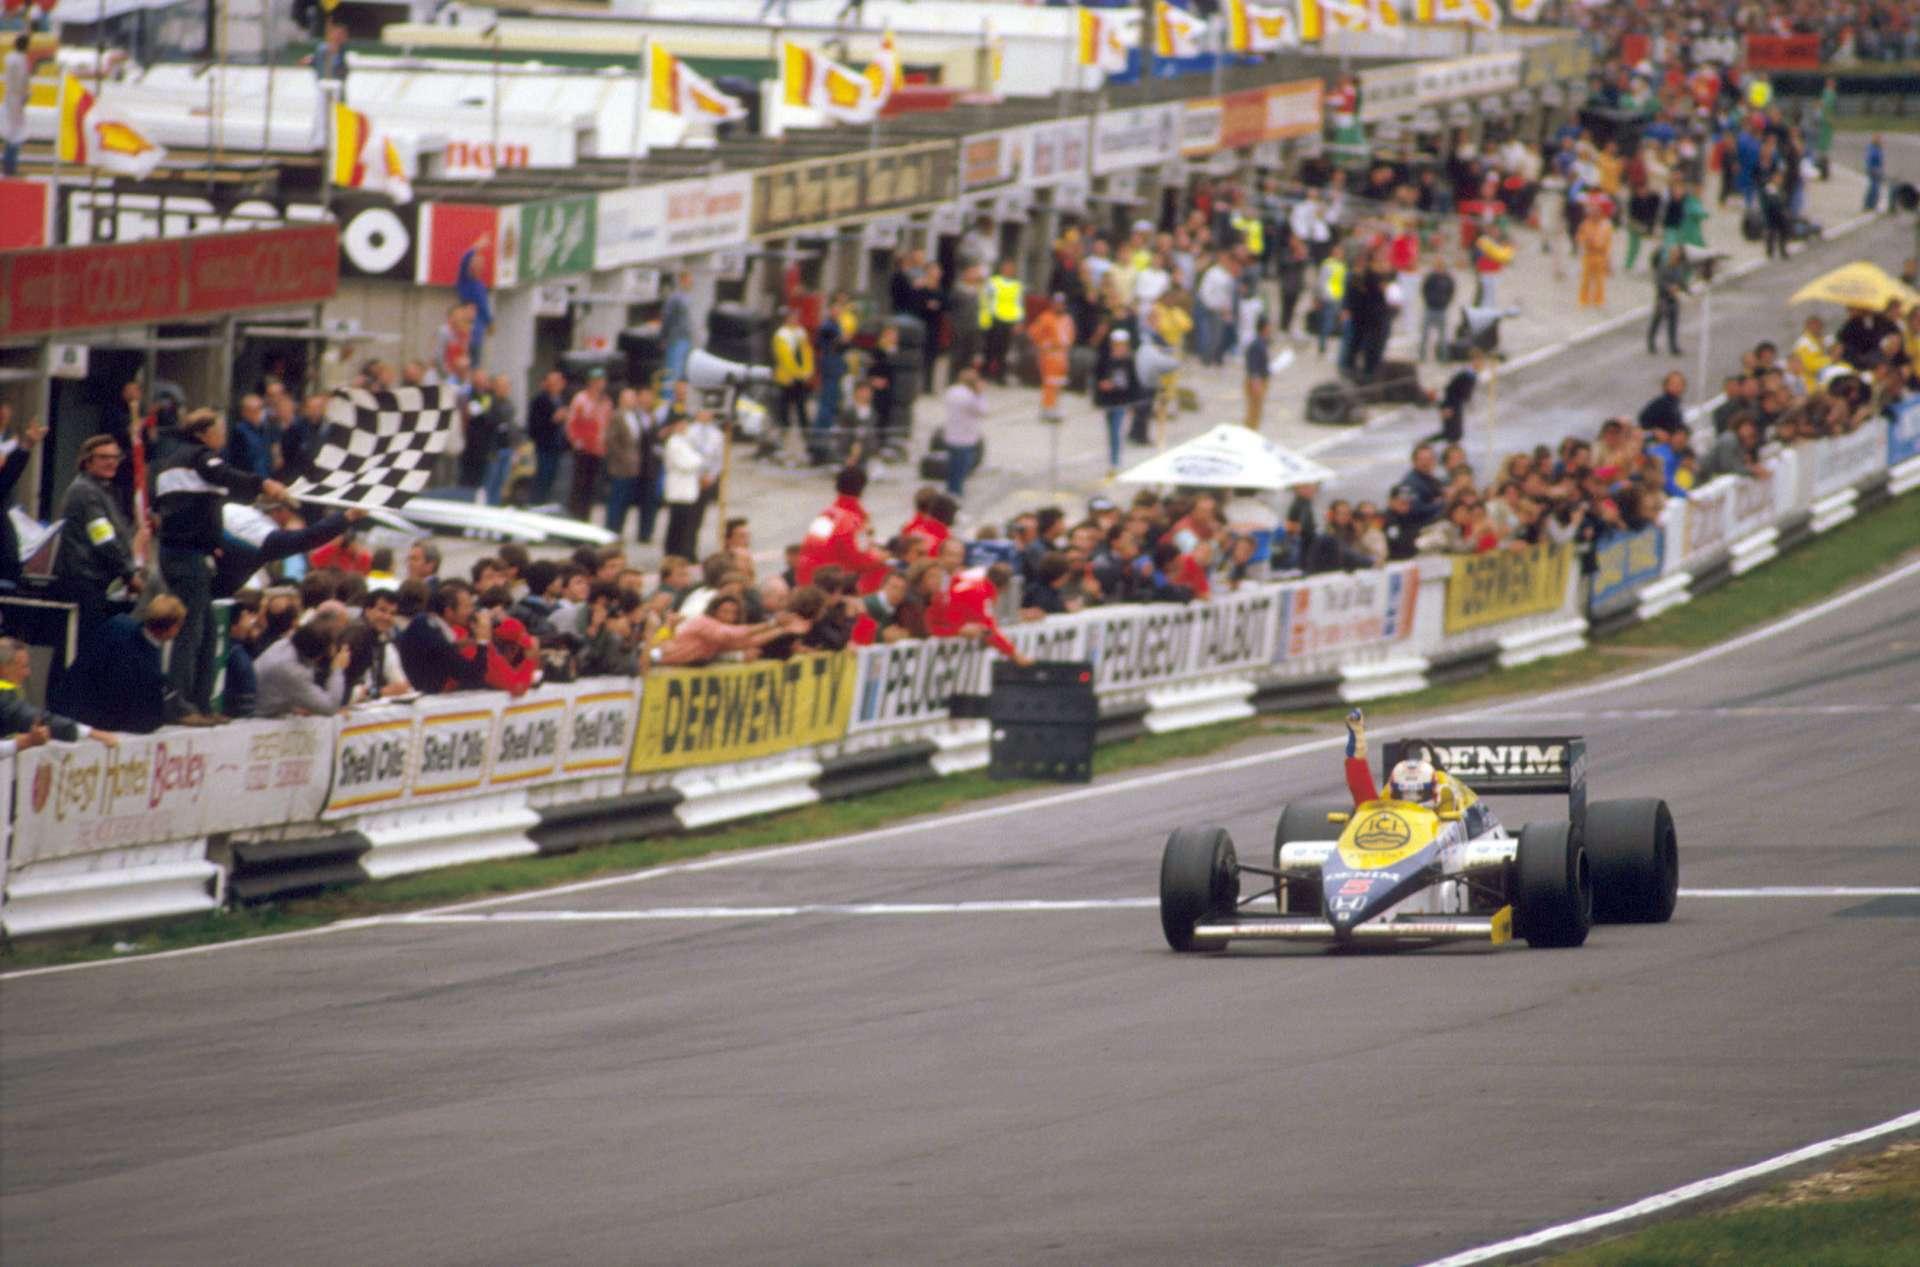 Nigel Mansell slavi prvu pobjedu u karijeri pred domaćom publikom na Brands Hatchu. (6.10.1985.) Foto: Williams